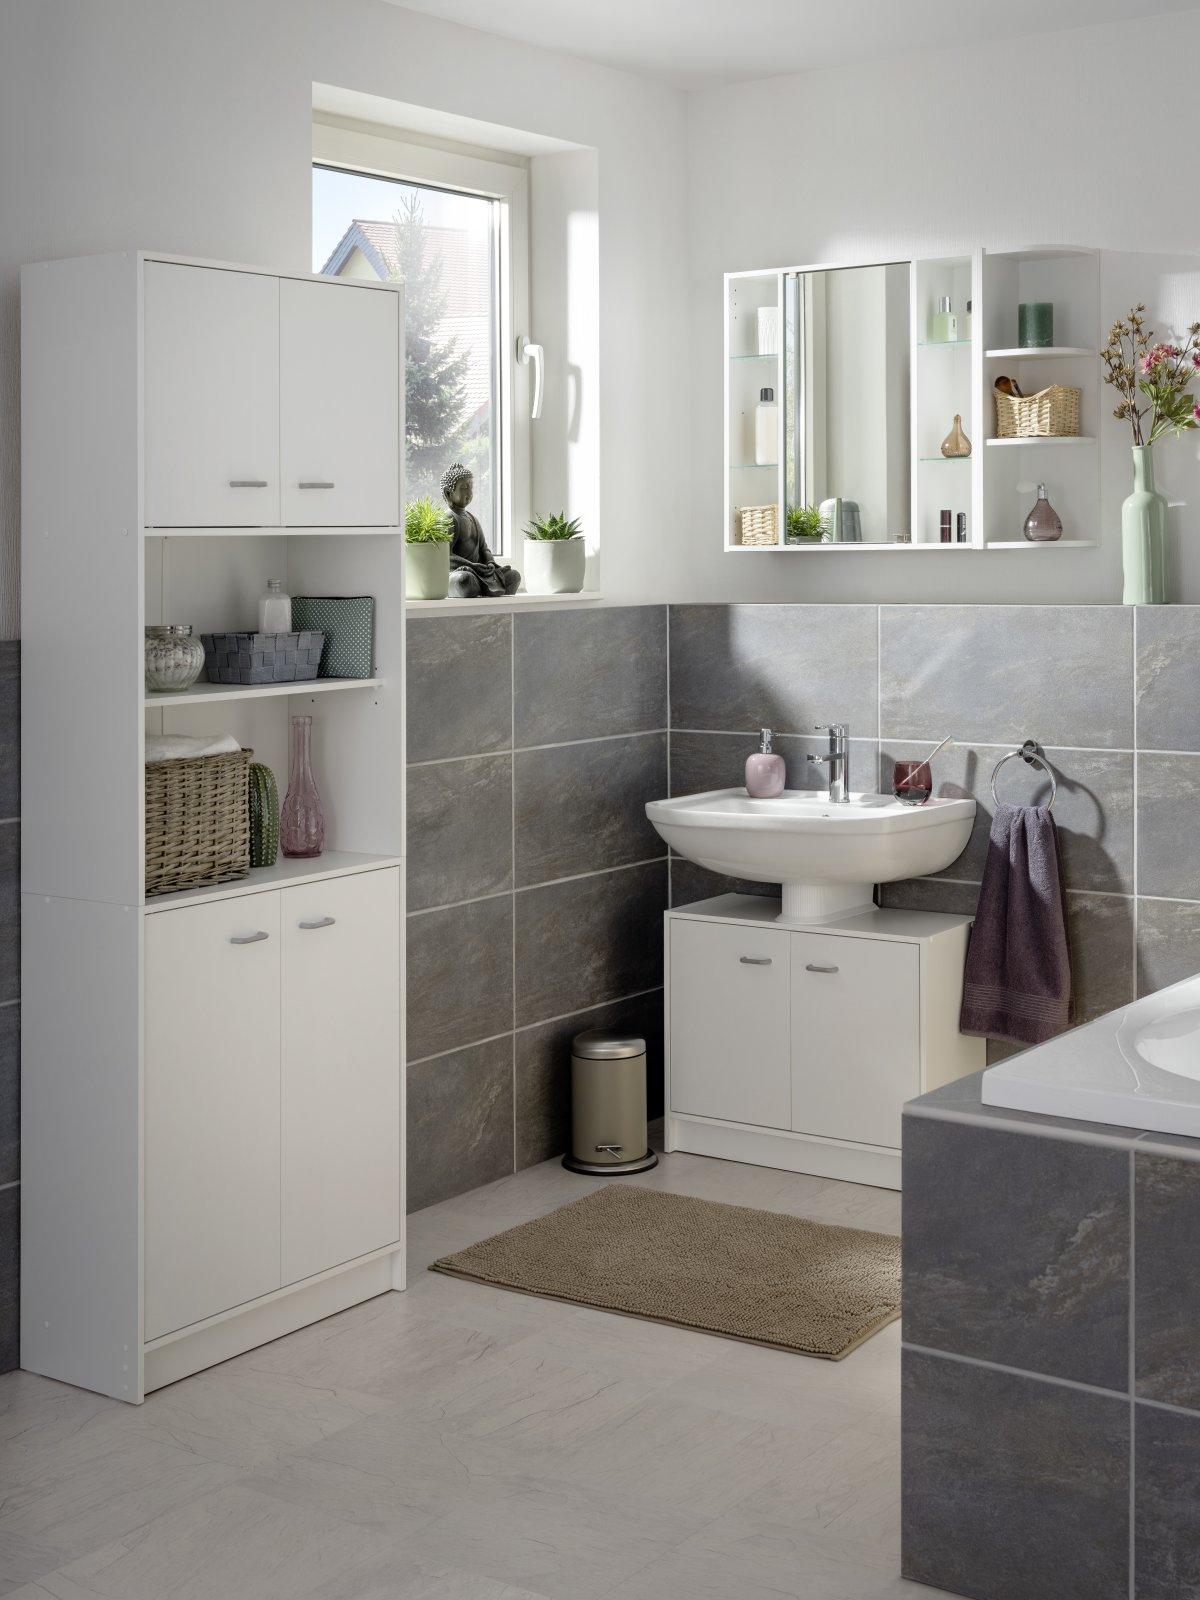 fackelmann trend spiegelschrank 65 cm spiegelschr nke badm bel badedu. Black Bedroom Furniture Sets. Home Design Ideas